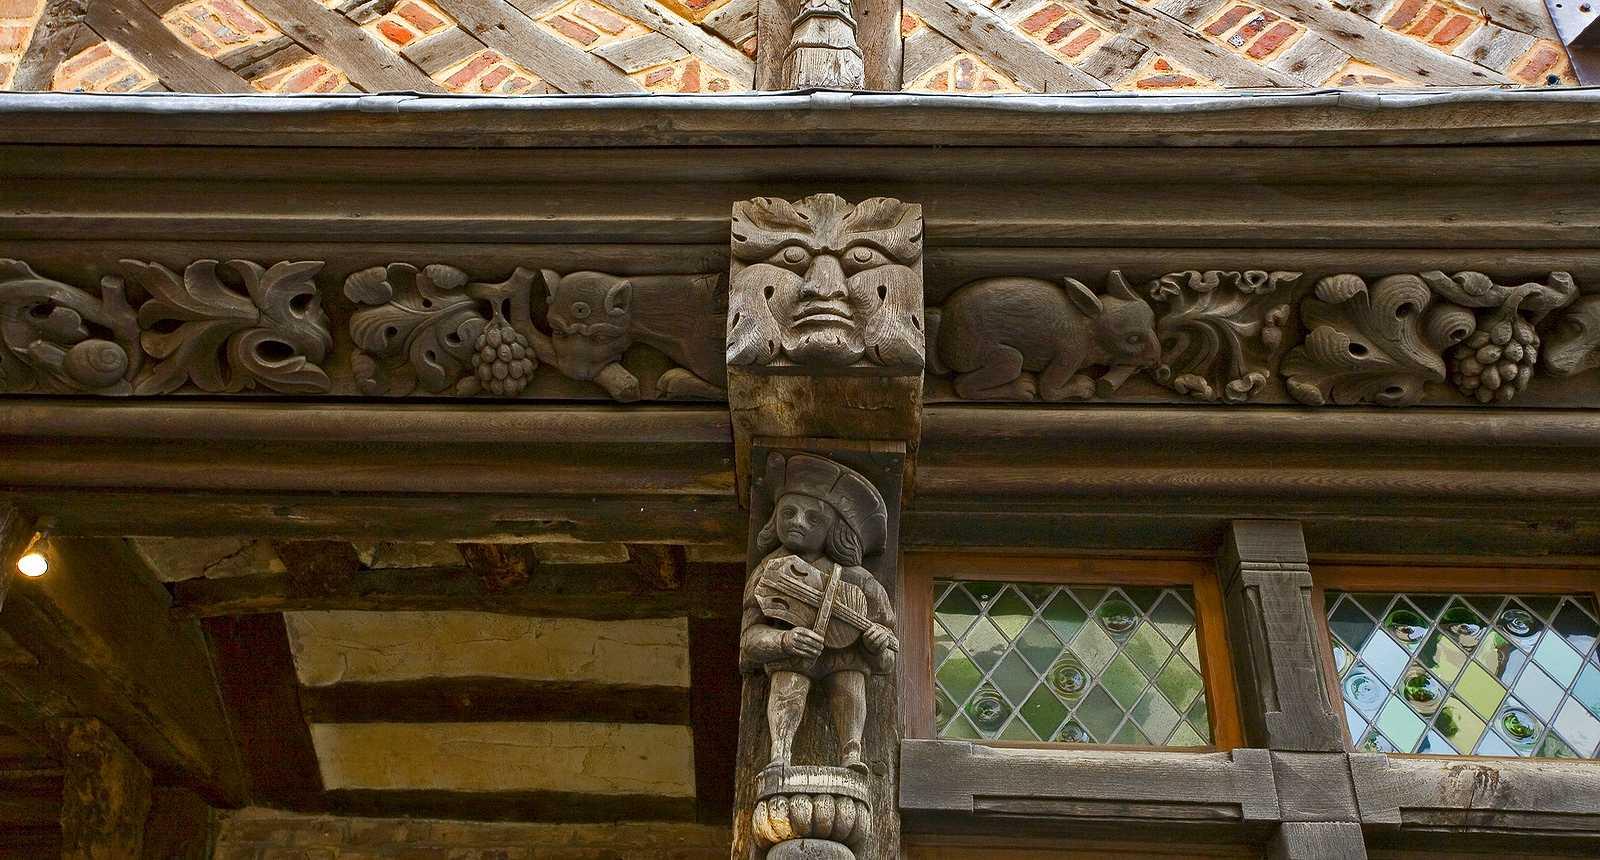 Détail de la façade d'une maison médiévale à Étretat